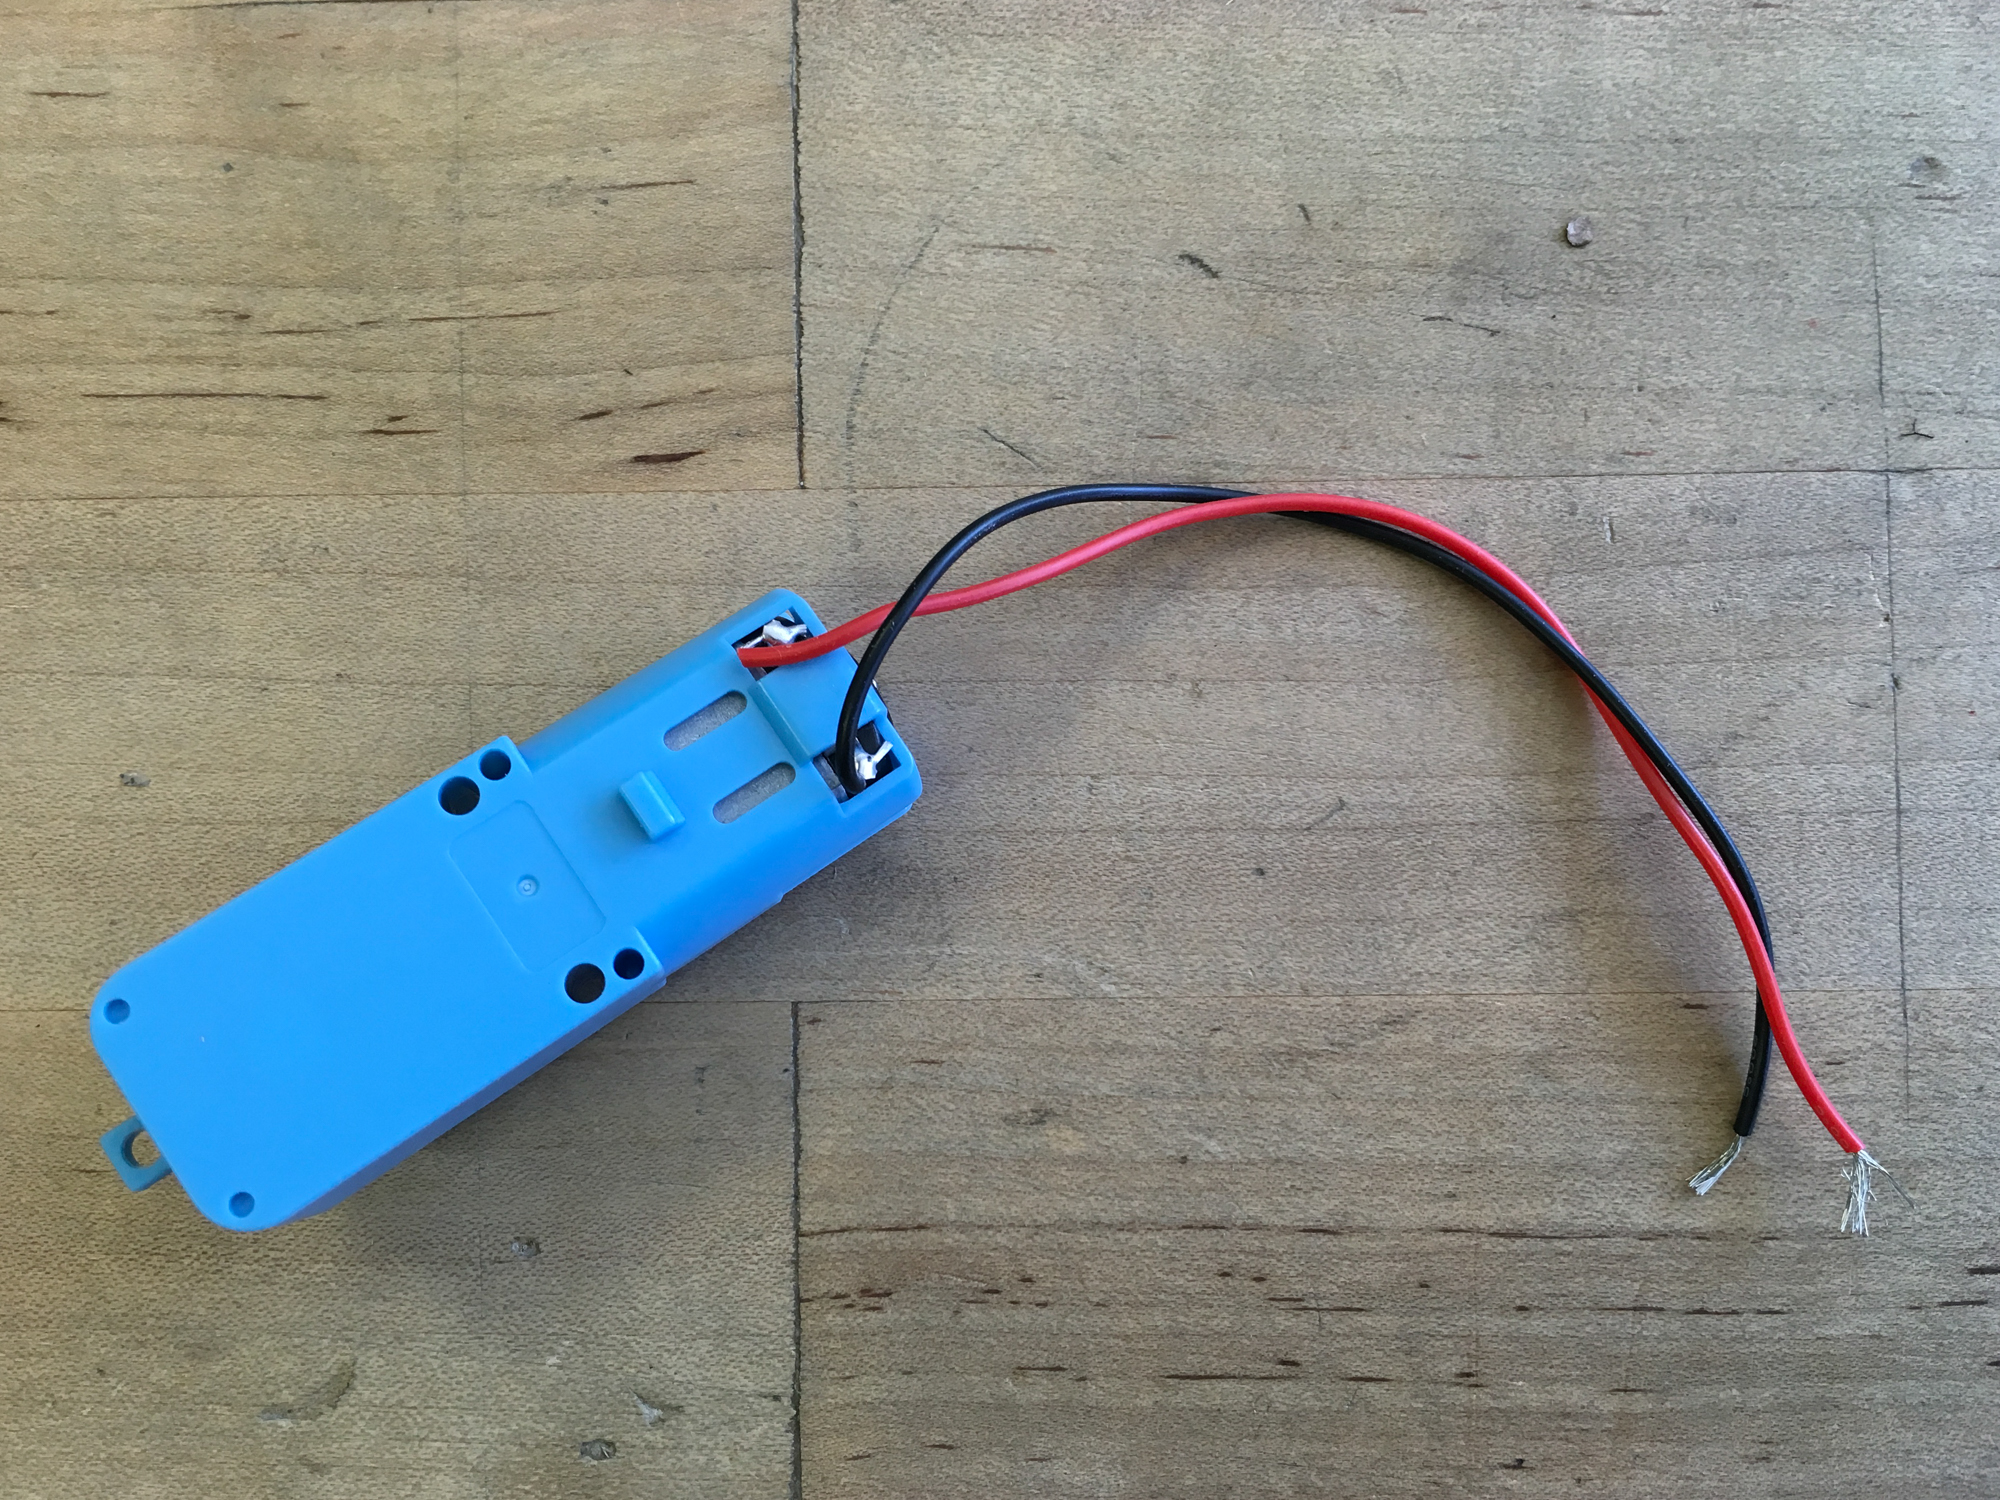 robotics___cnc_uni_bot_0035_2k.jpg